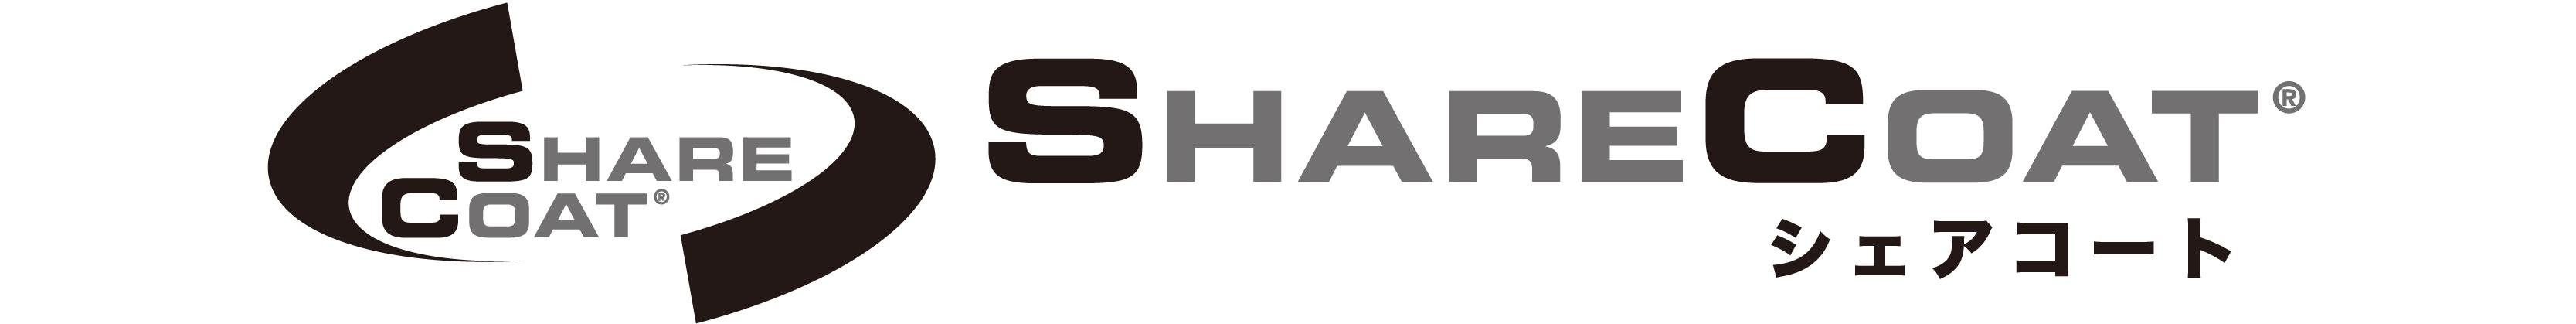 日本初!カップル用観戦コート 『ShareCoat シェアコート』